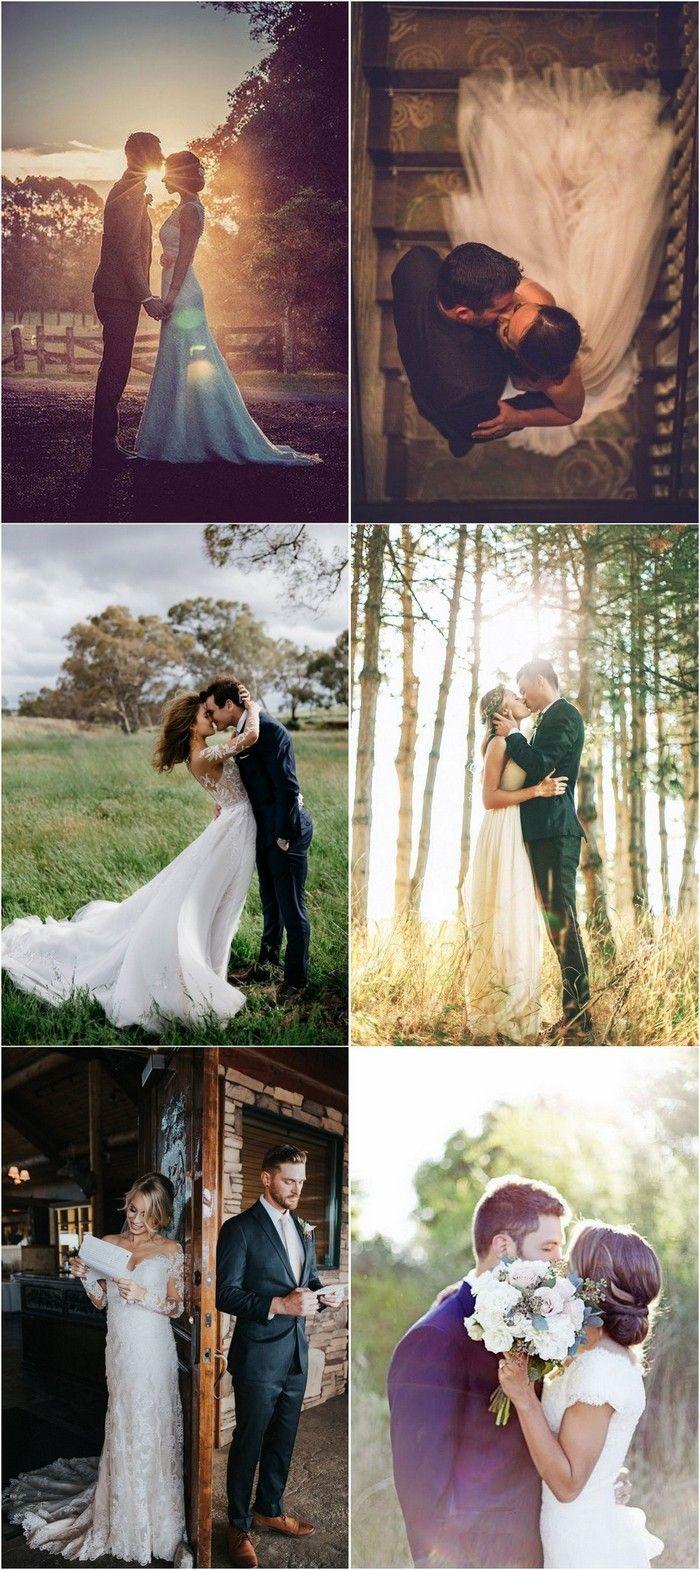 Braut und Bräutigam Hochzeit Foto Ideen #weddingphotos #weddingideas – #Braut #…